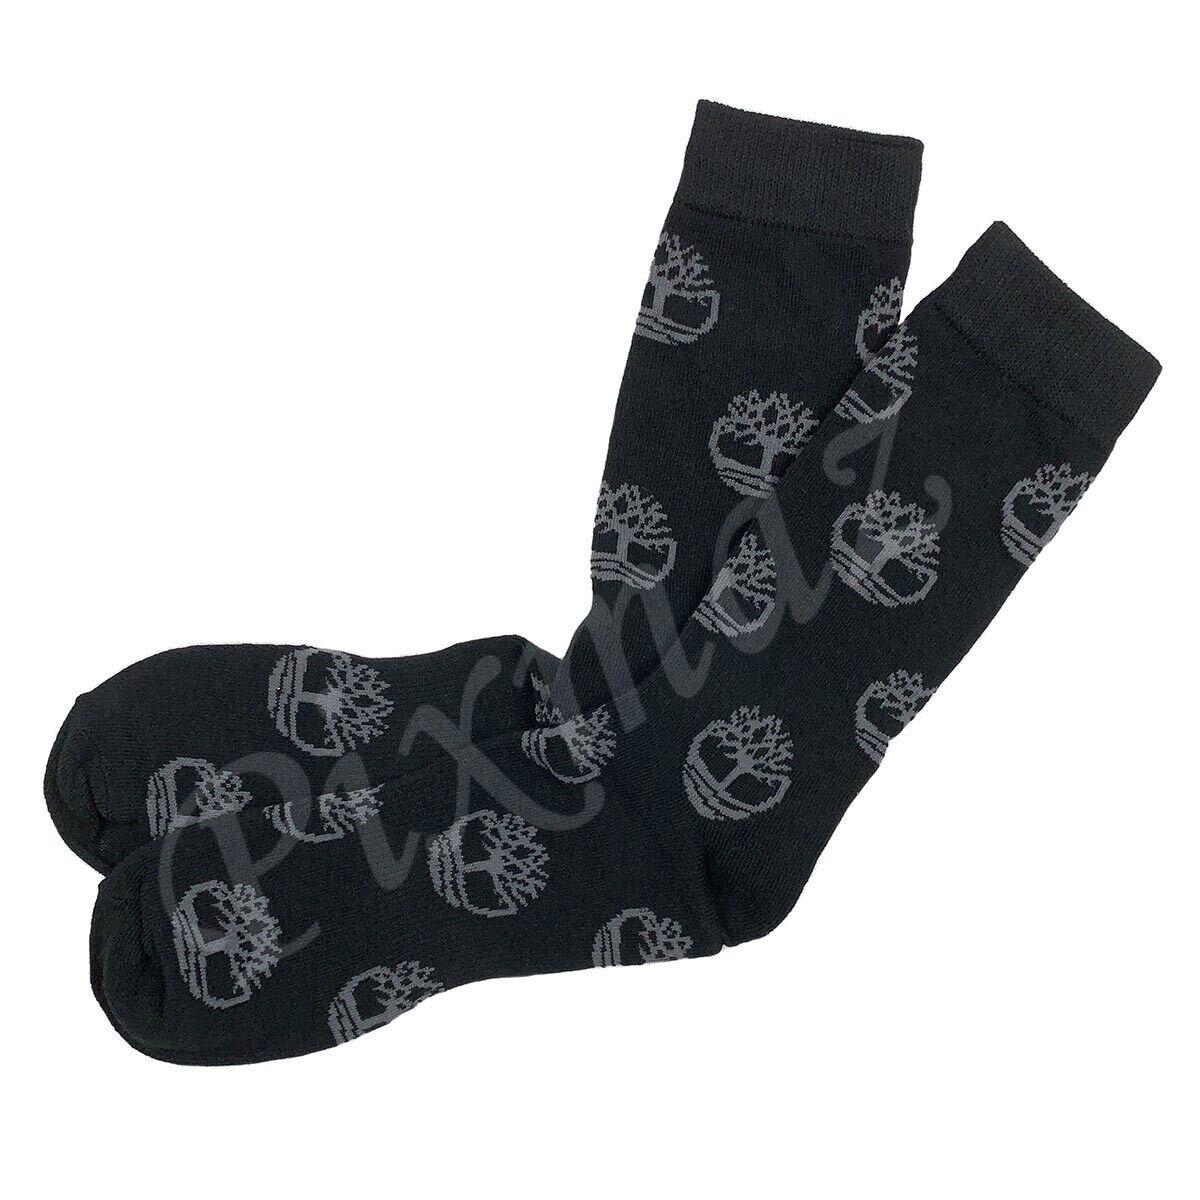 men s cotton blend novelty crew socks